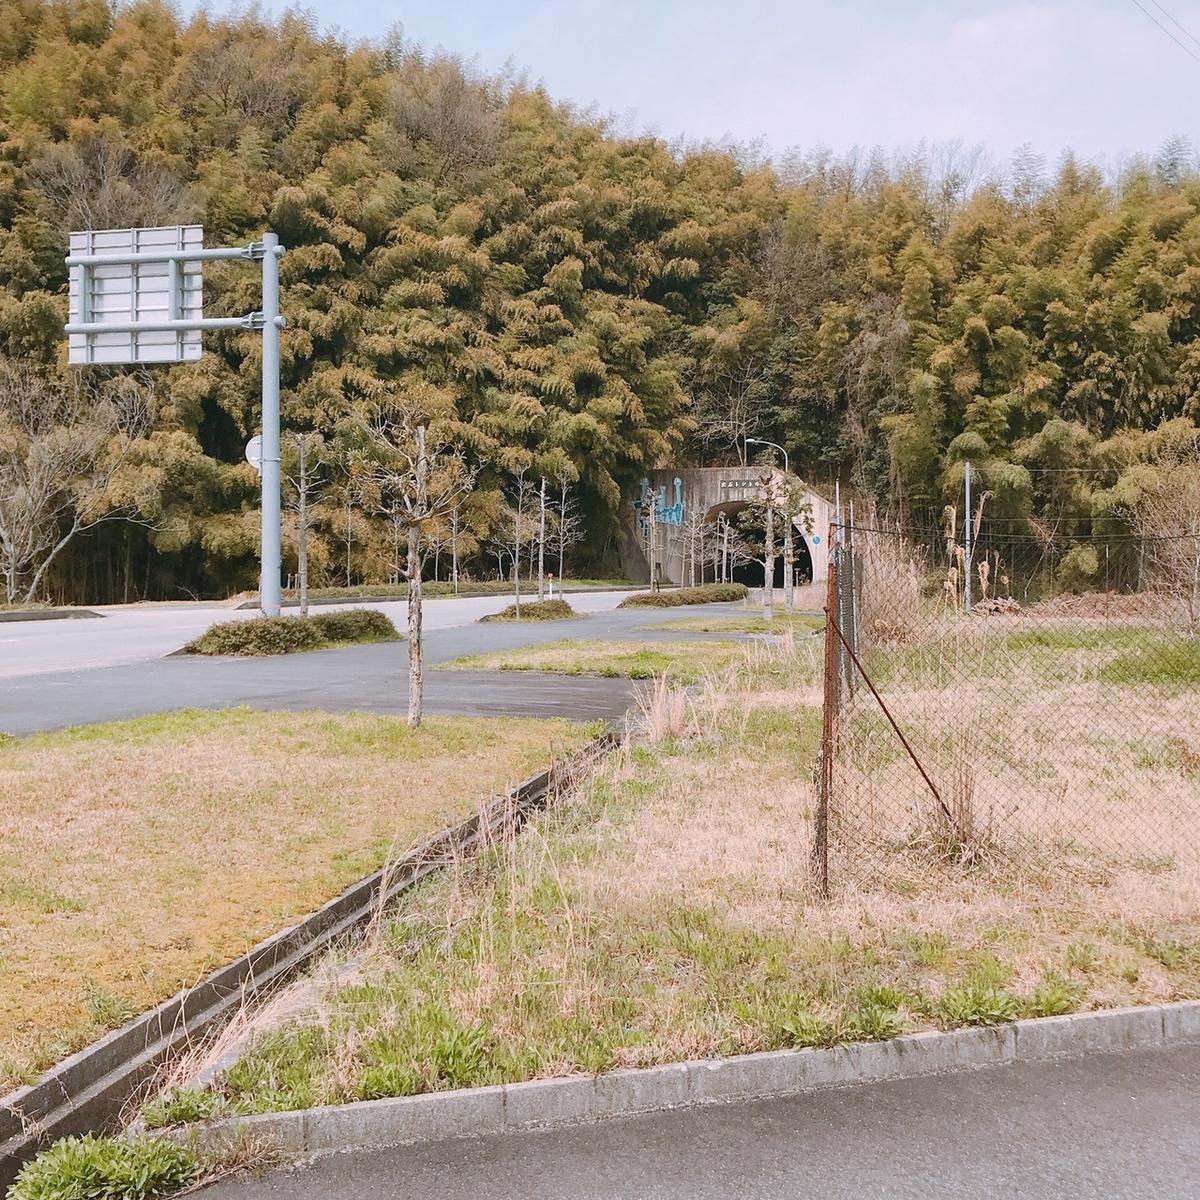 f:id:atsush-atsushi:20190411140824j:plain